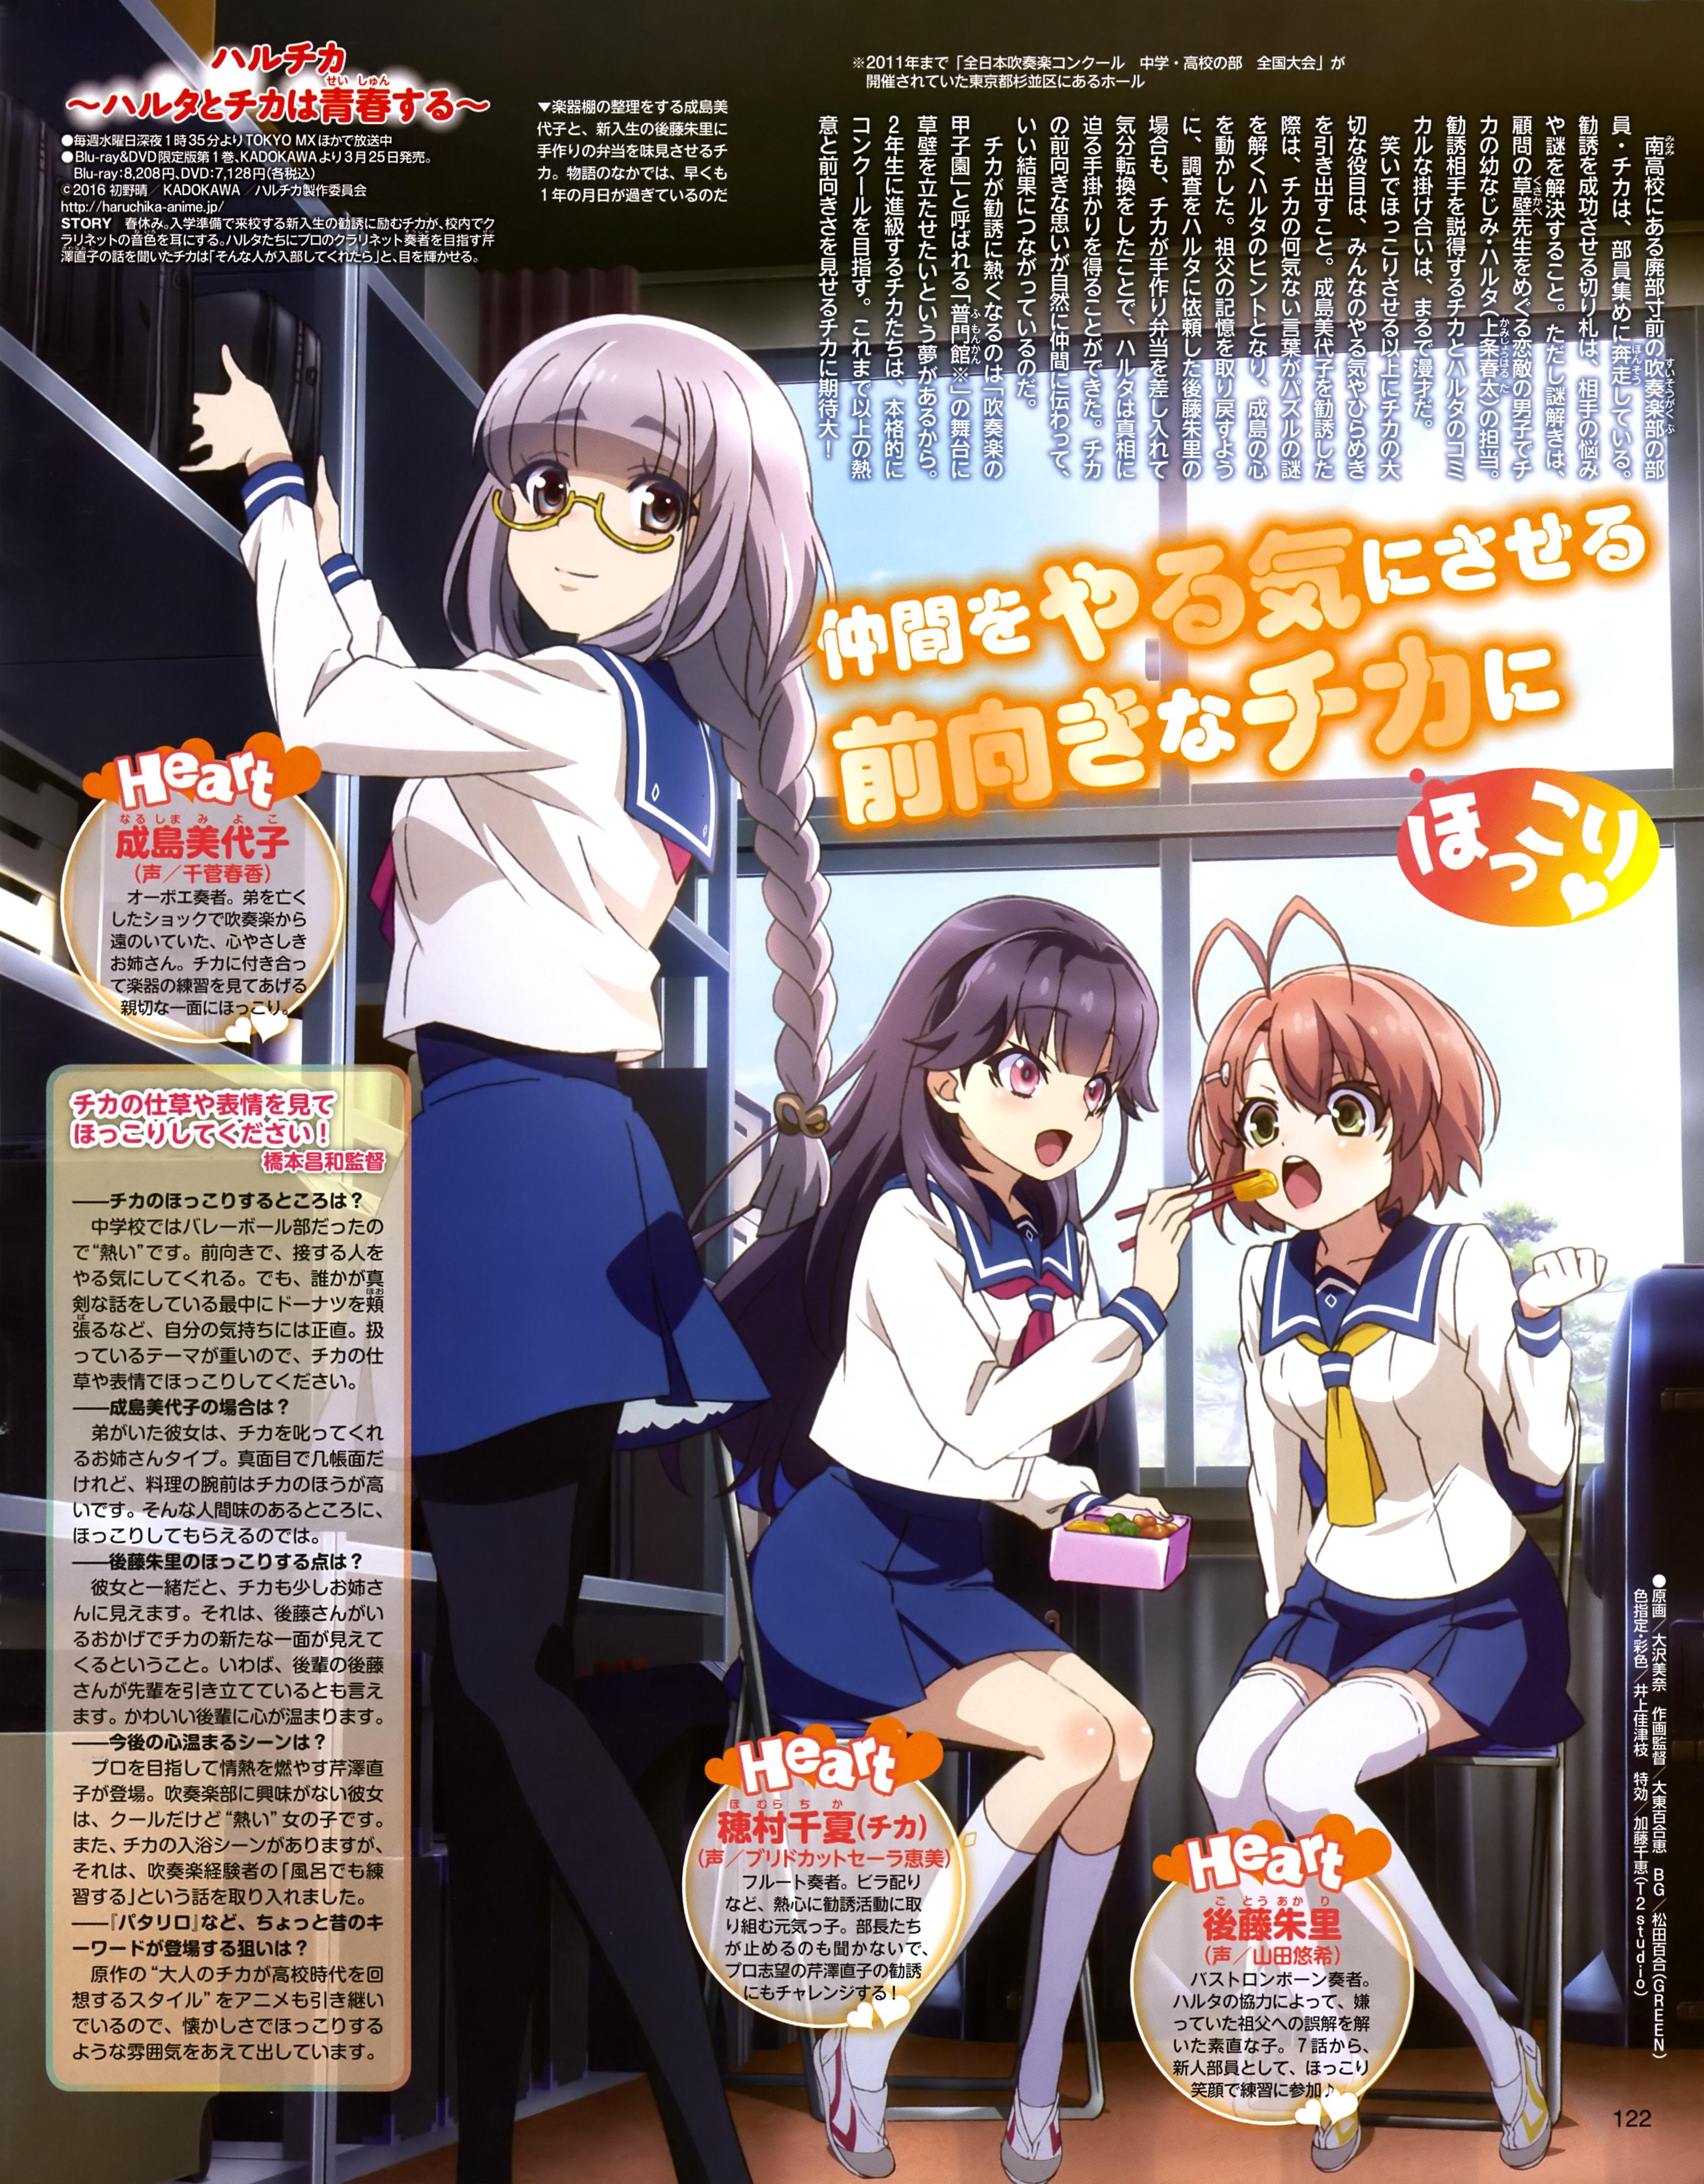 Slice of Life HaruChika Visual Revealed in Japanese Magazine